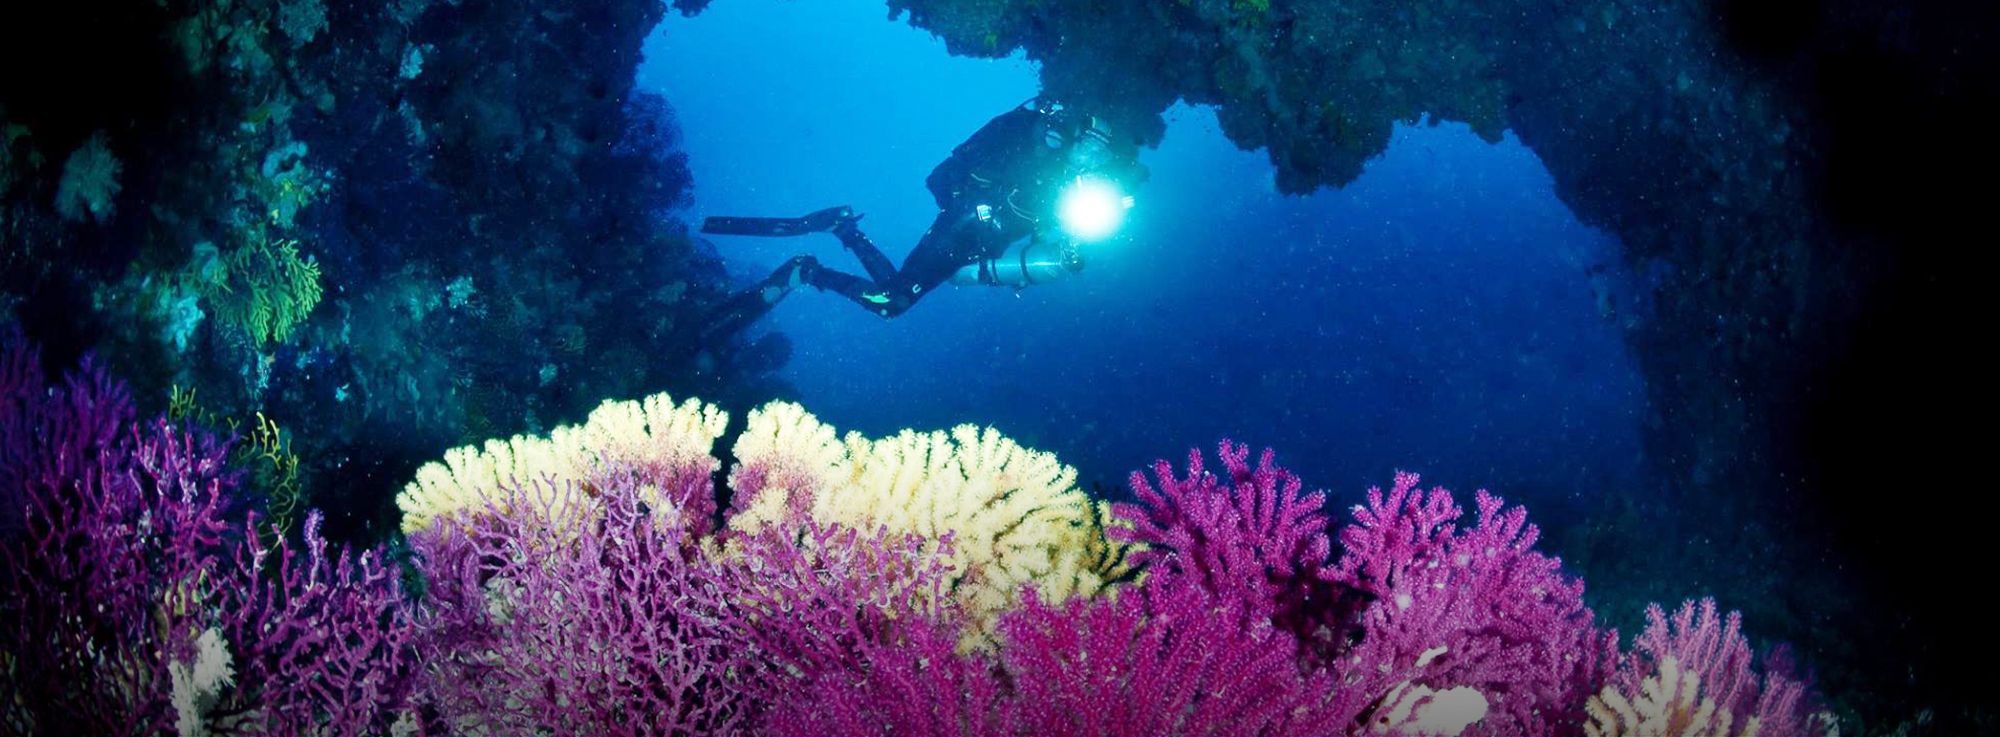 Isole Tremiti: Festa dei trent'anni della Riserva Marina